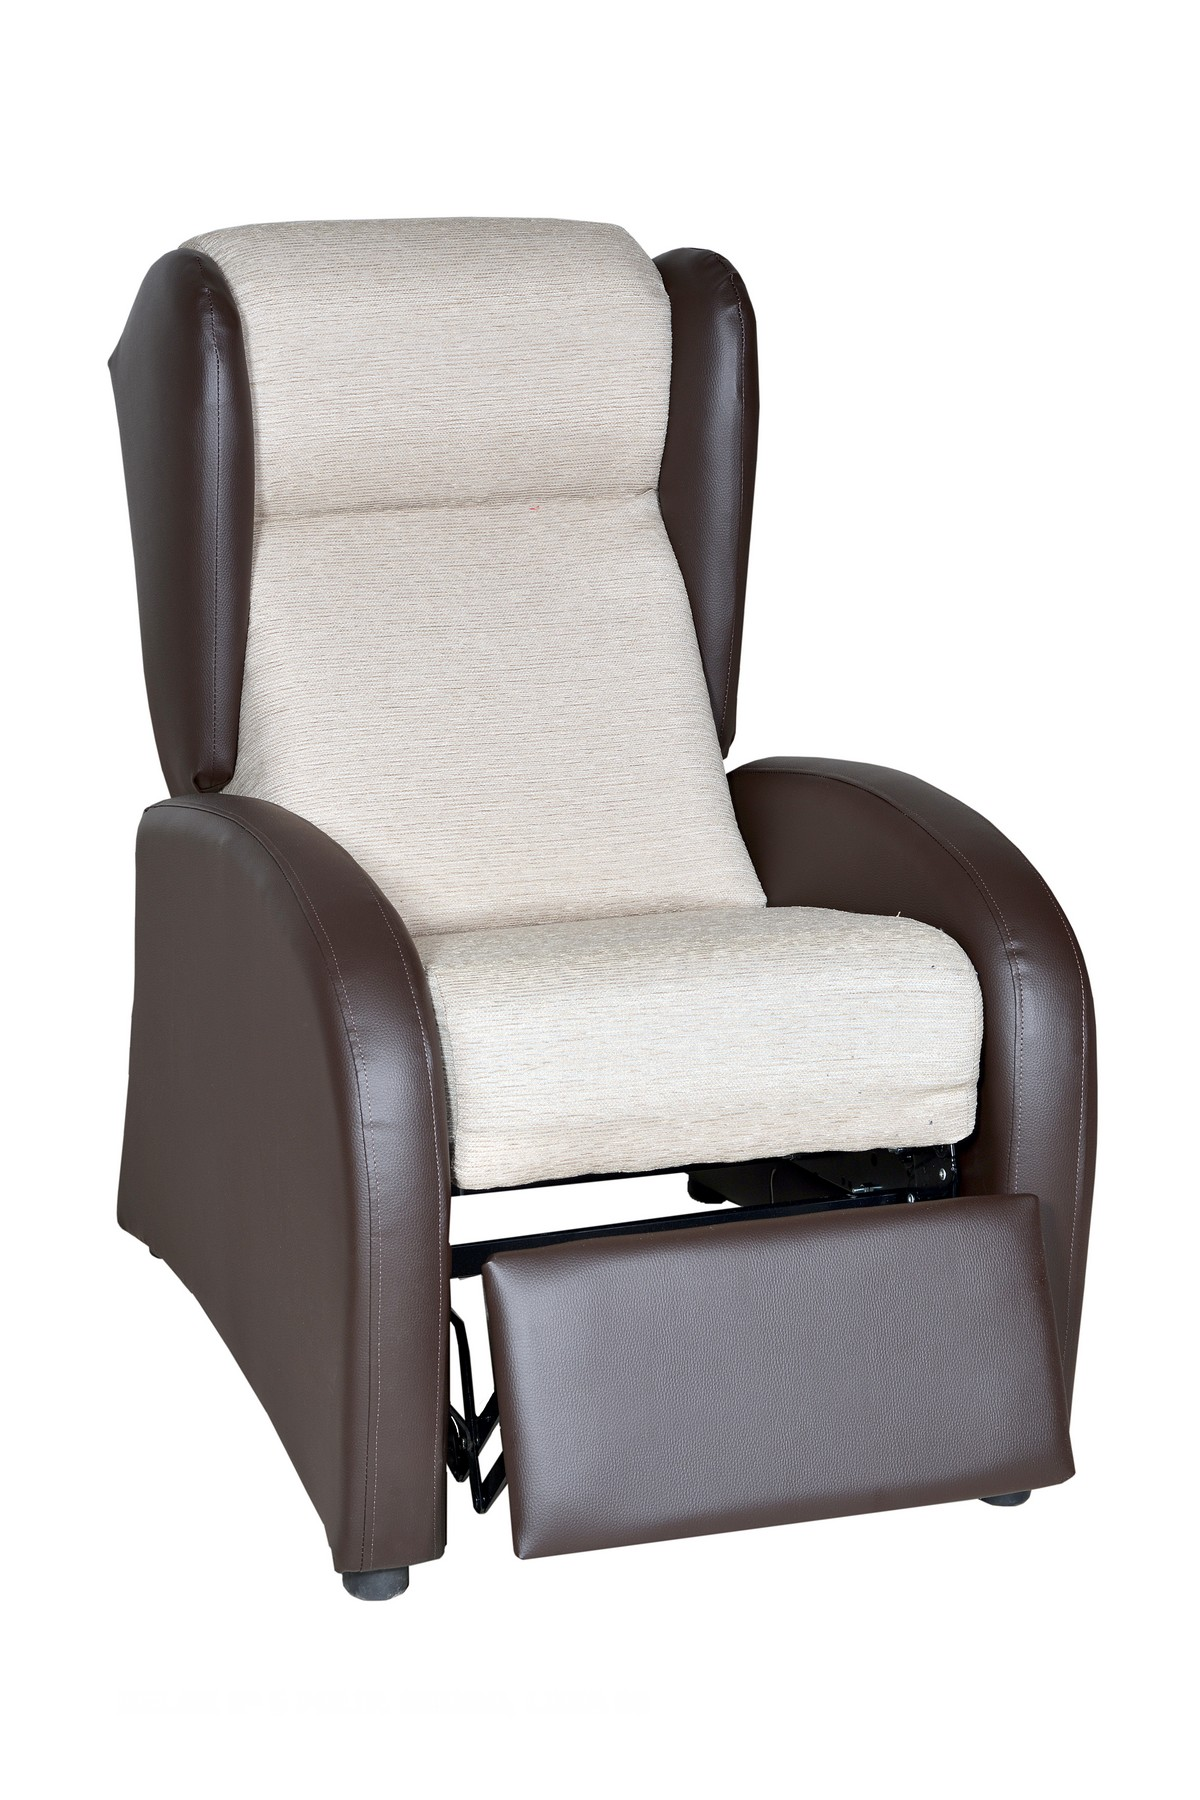 Acogedor sillón orejero con apertura manual reclinable, gran variedad de tejidos y colores.